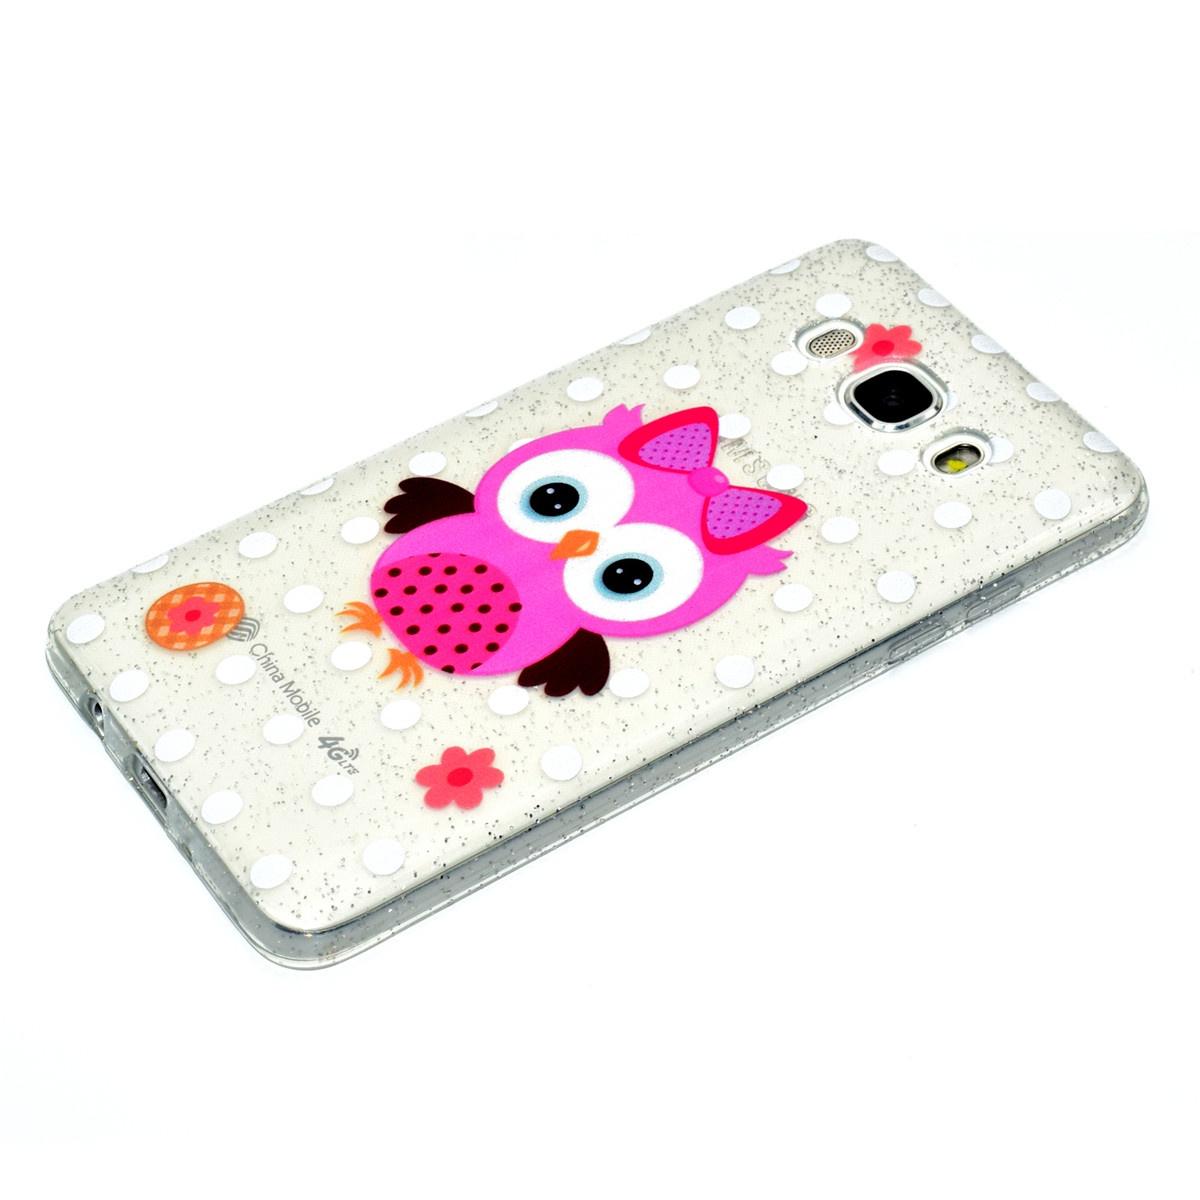 Для Samsung Galaxy J3 J310 Tpu Прекрасный мультфильм с надписью Glitter Tpu Phone Case Anti-scratch Противоударный протектор задней крышки (цветок Сова) (4059)